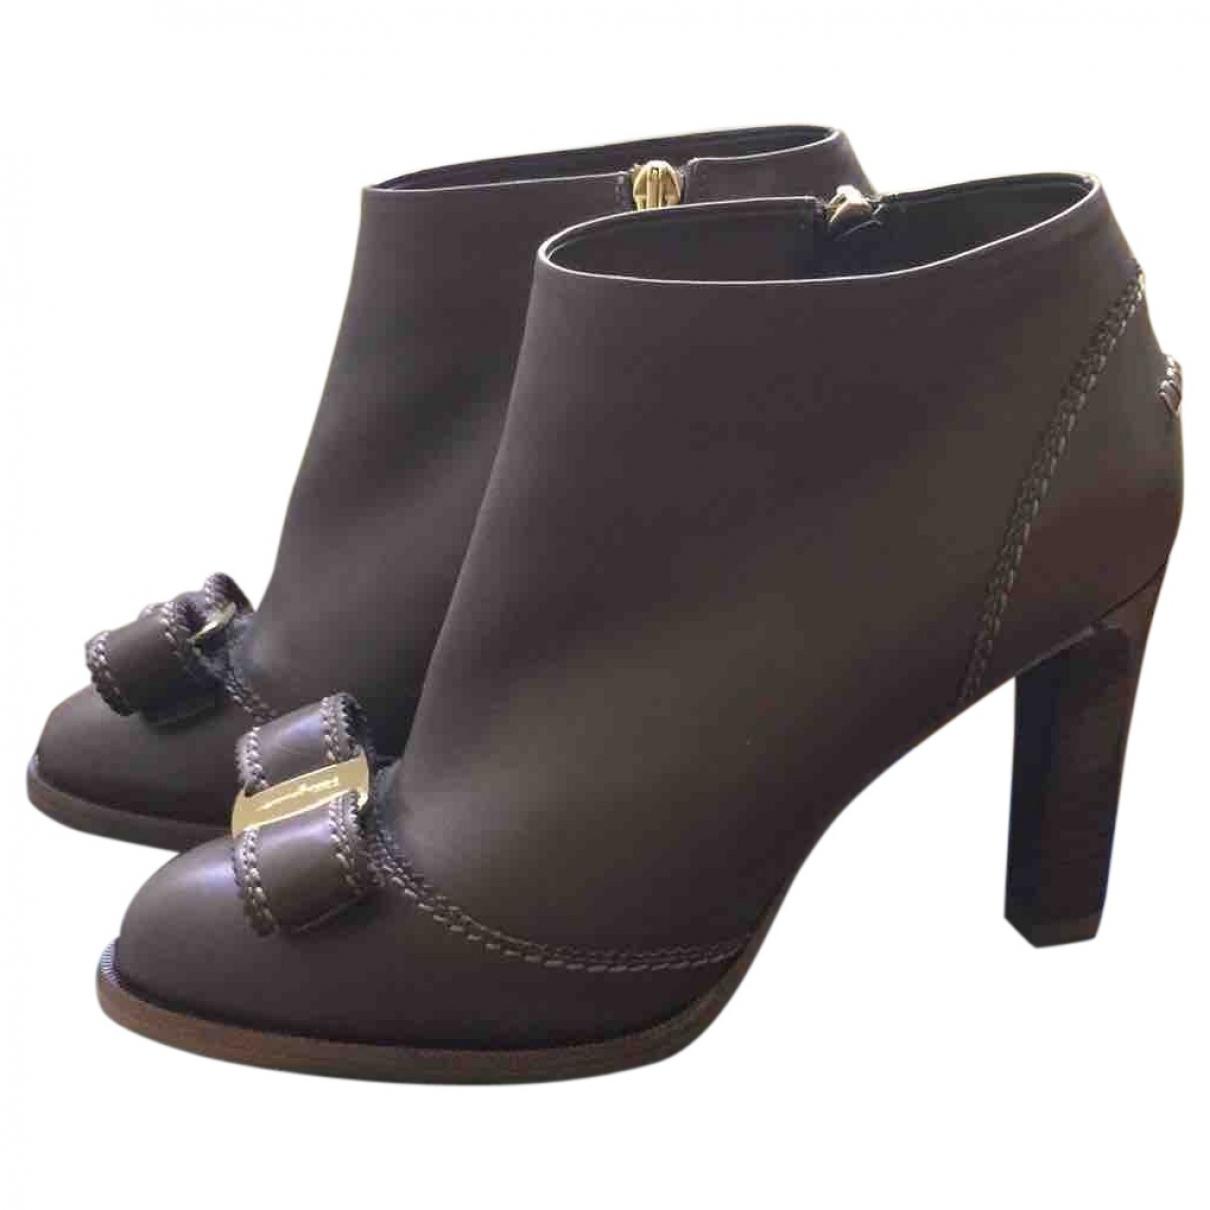 Salvatore Ferragamo - Boots   pour femme en cuir - beige